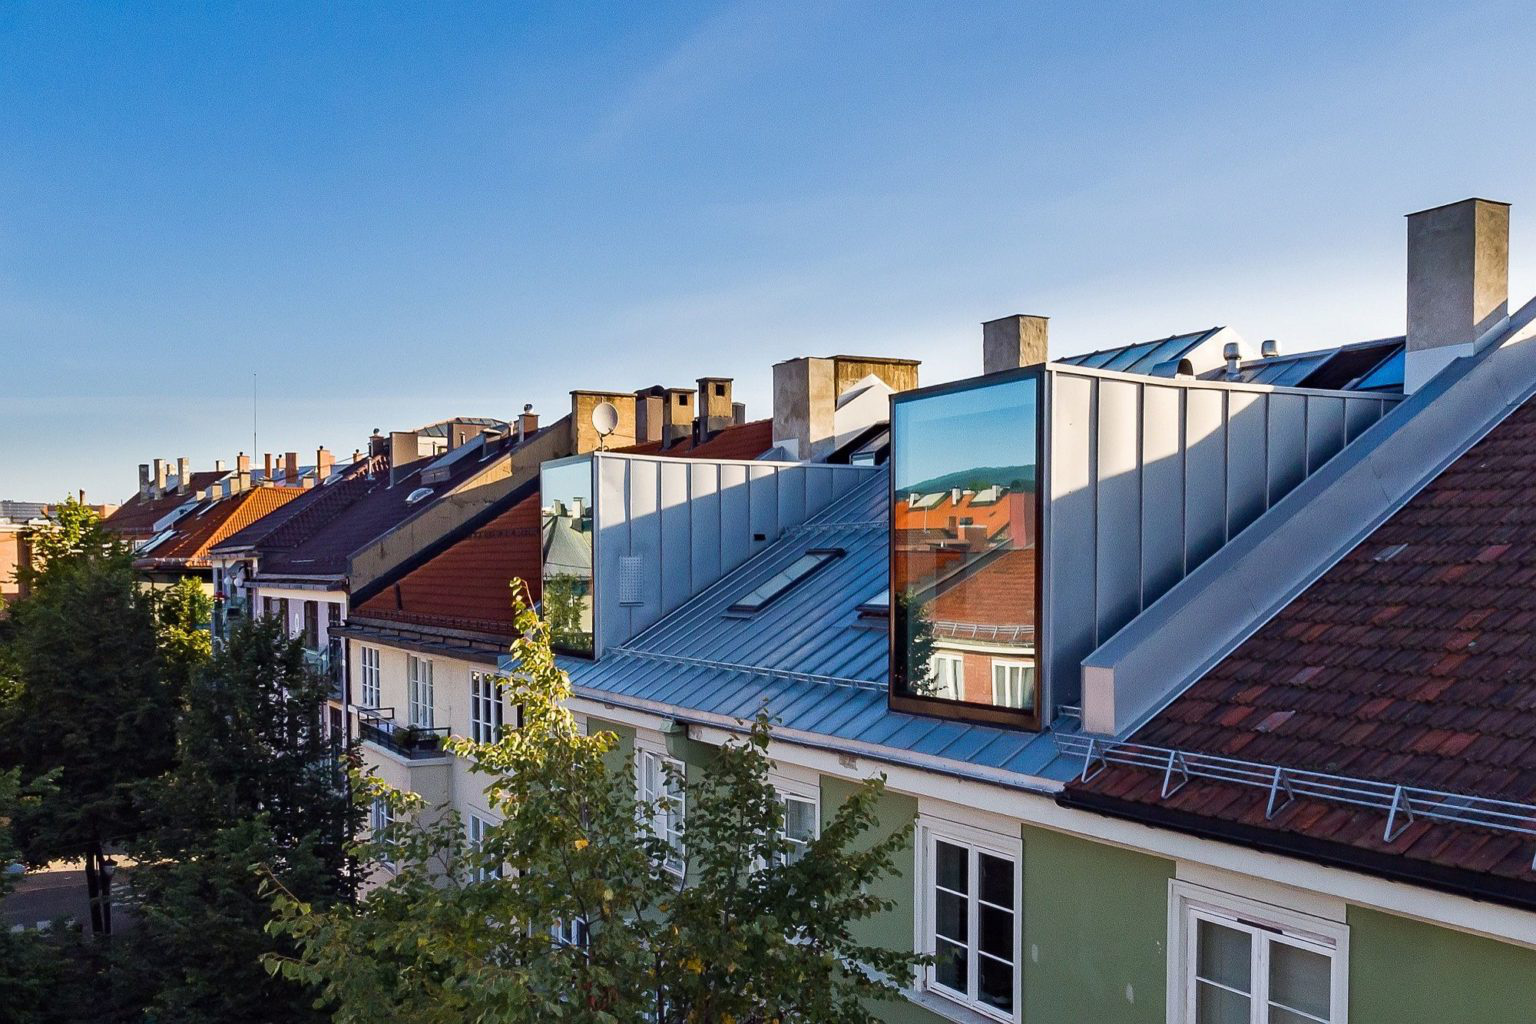 Biến hóa gác xép cũ ở thành phố Oslo thành căn hộ hiện đại, xinh xắn mới thấy bạn đã phải chết mê - Ảnh 1.